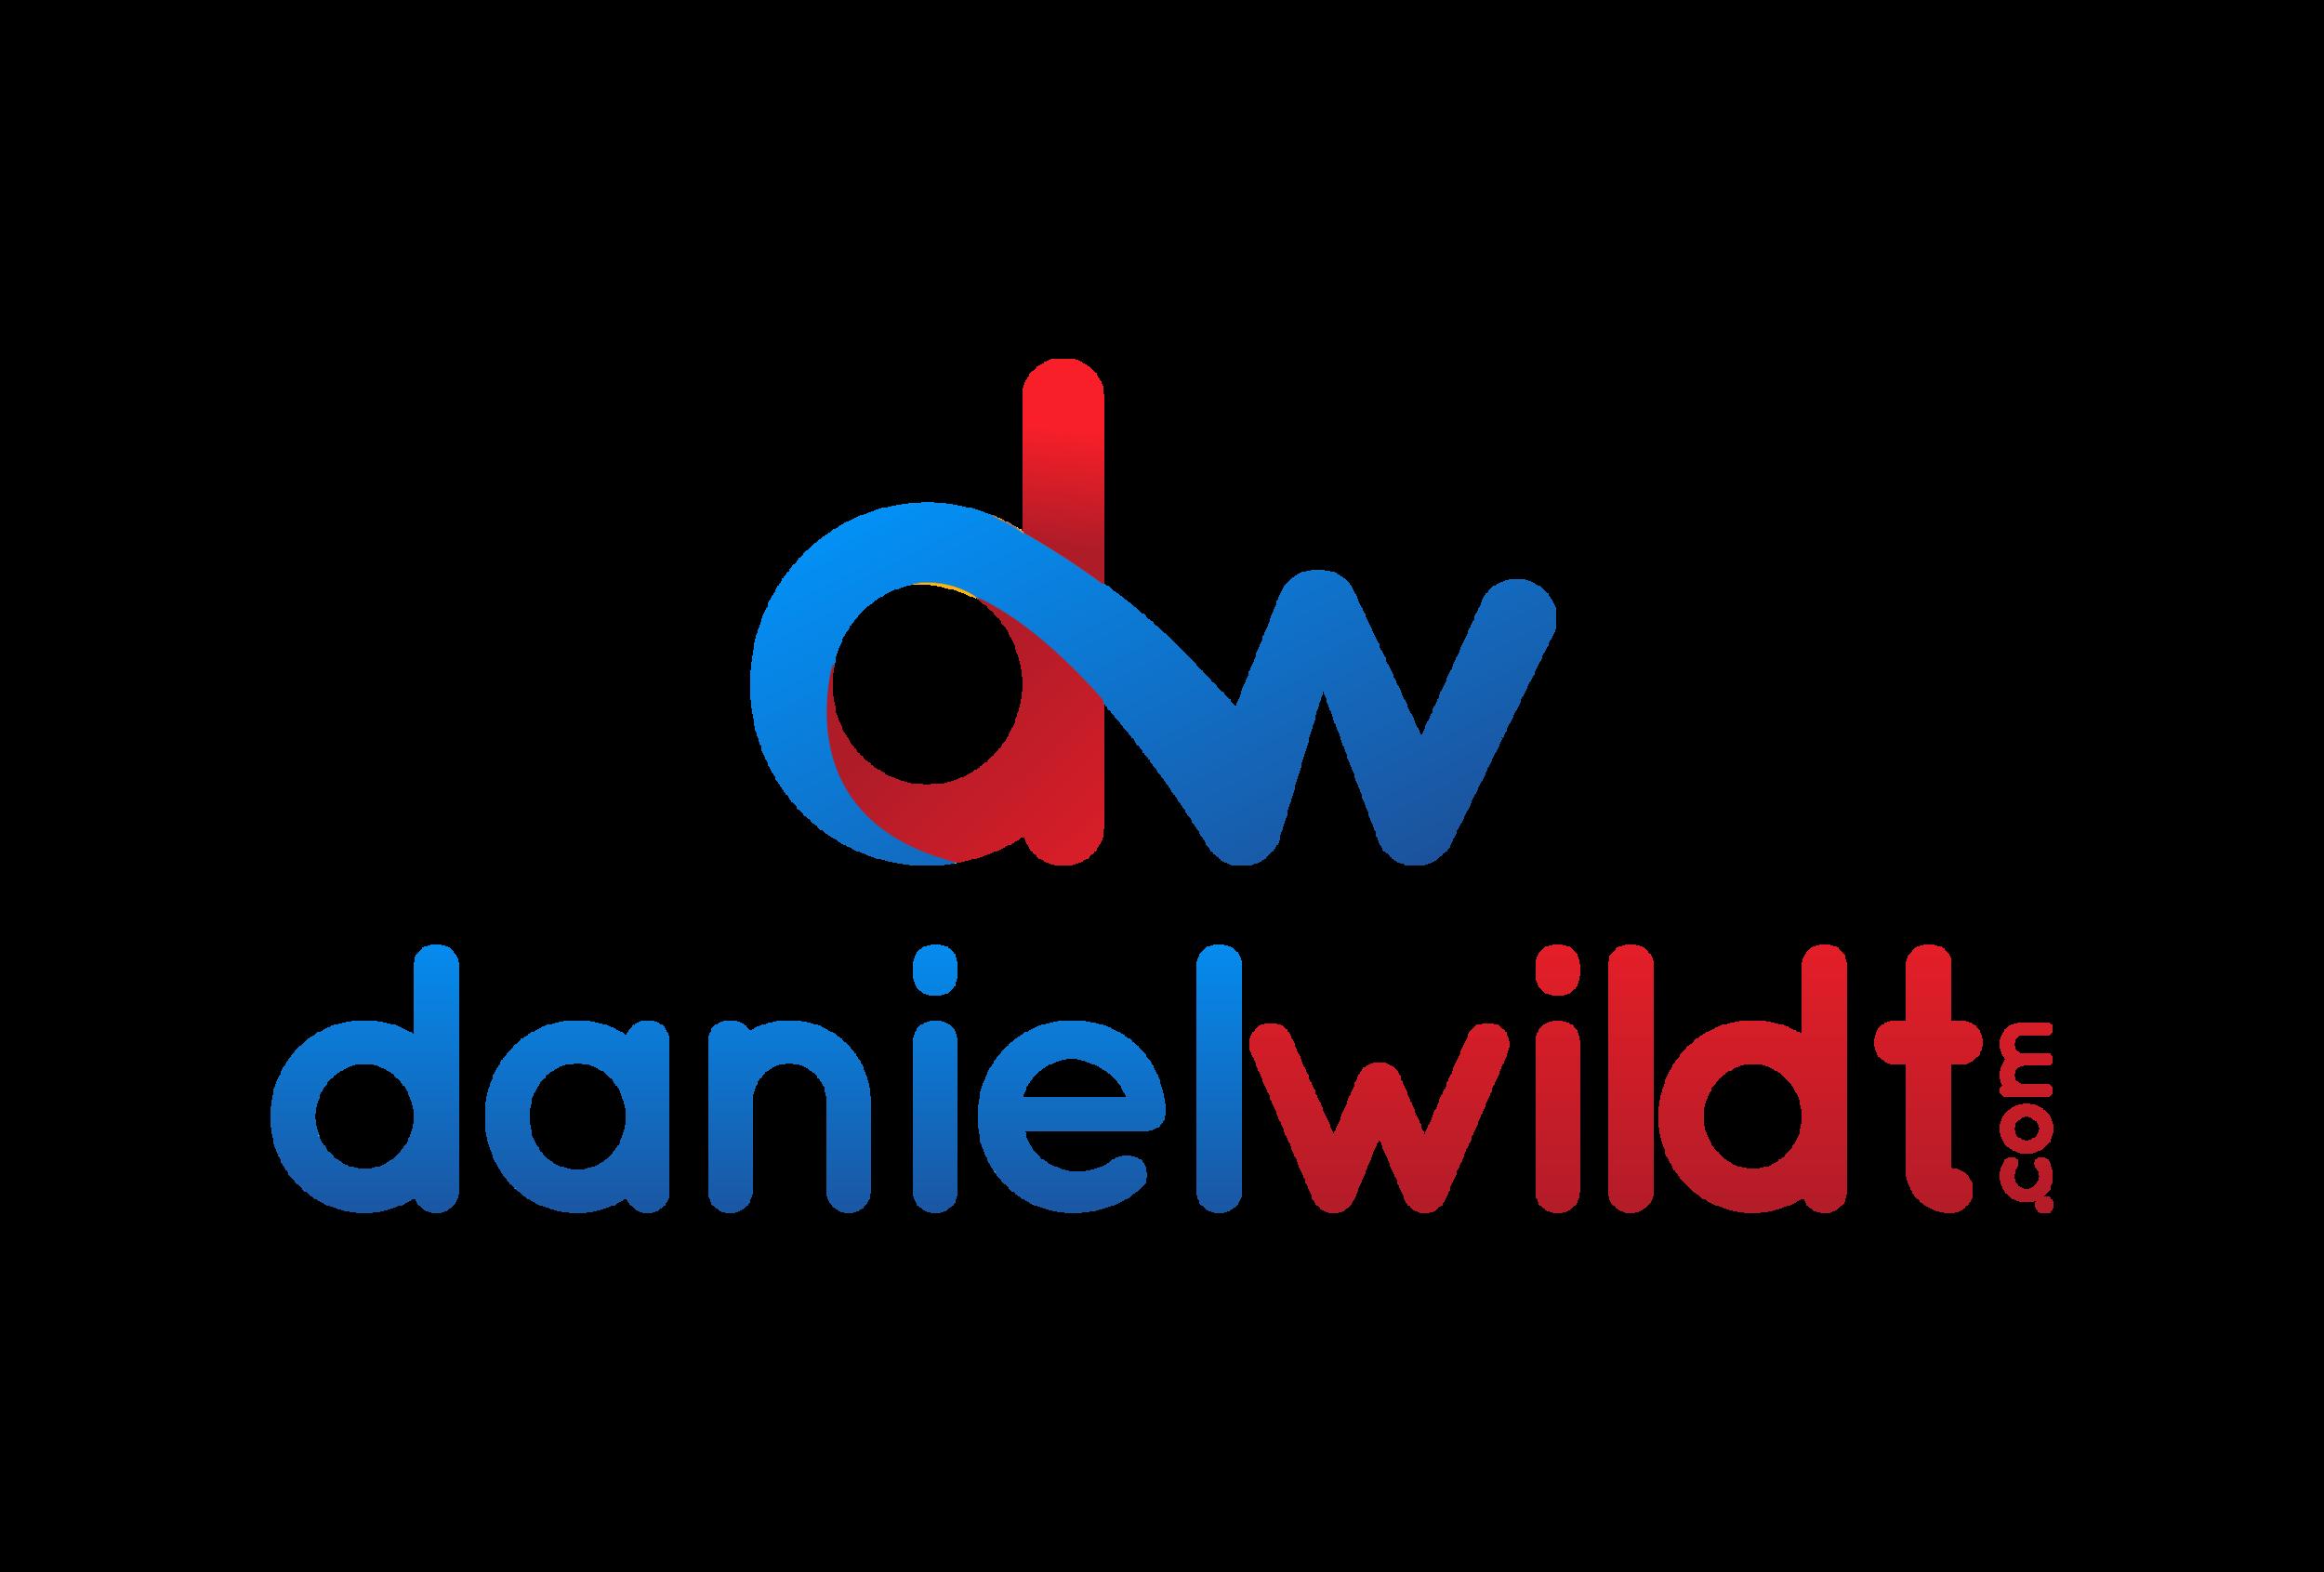 daniel-wildt.png